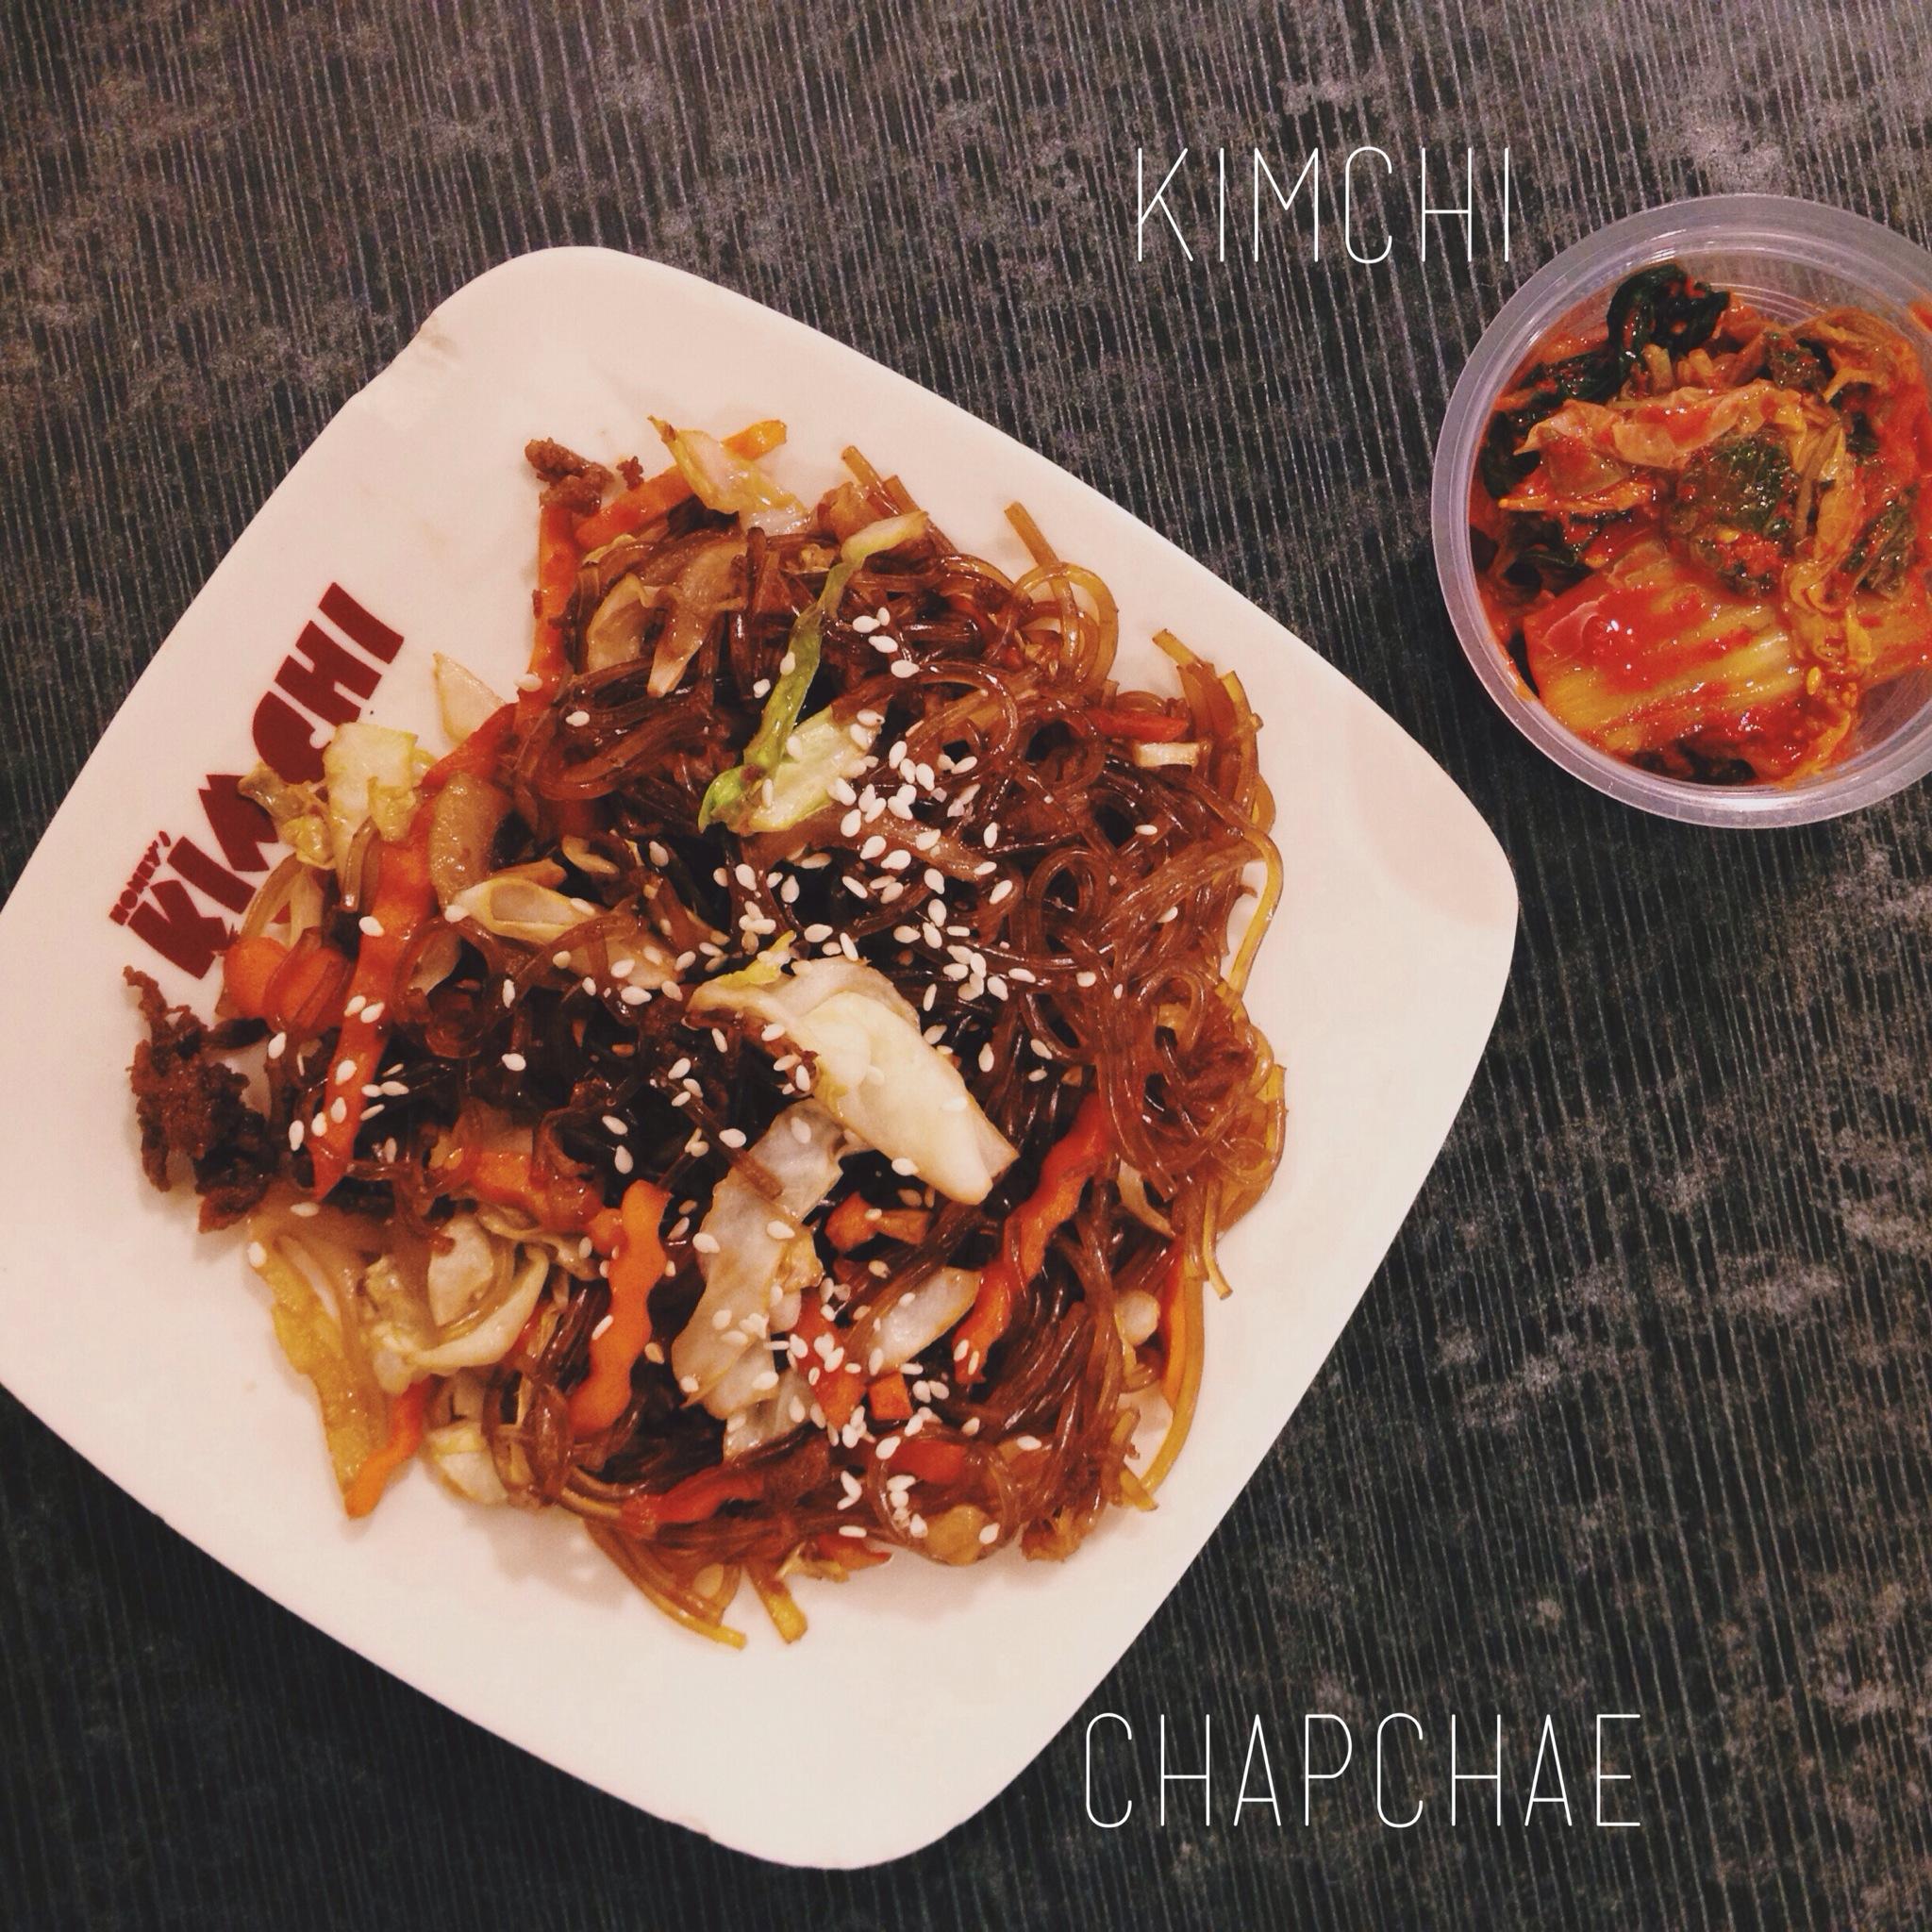 honey's kimchi chapchae